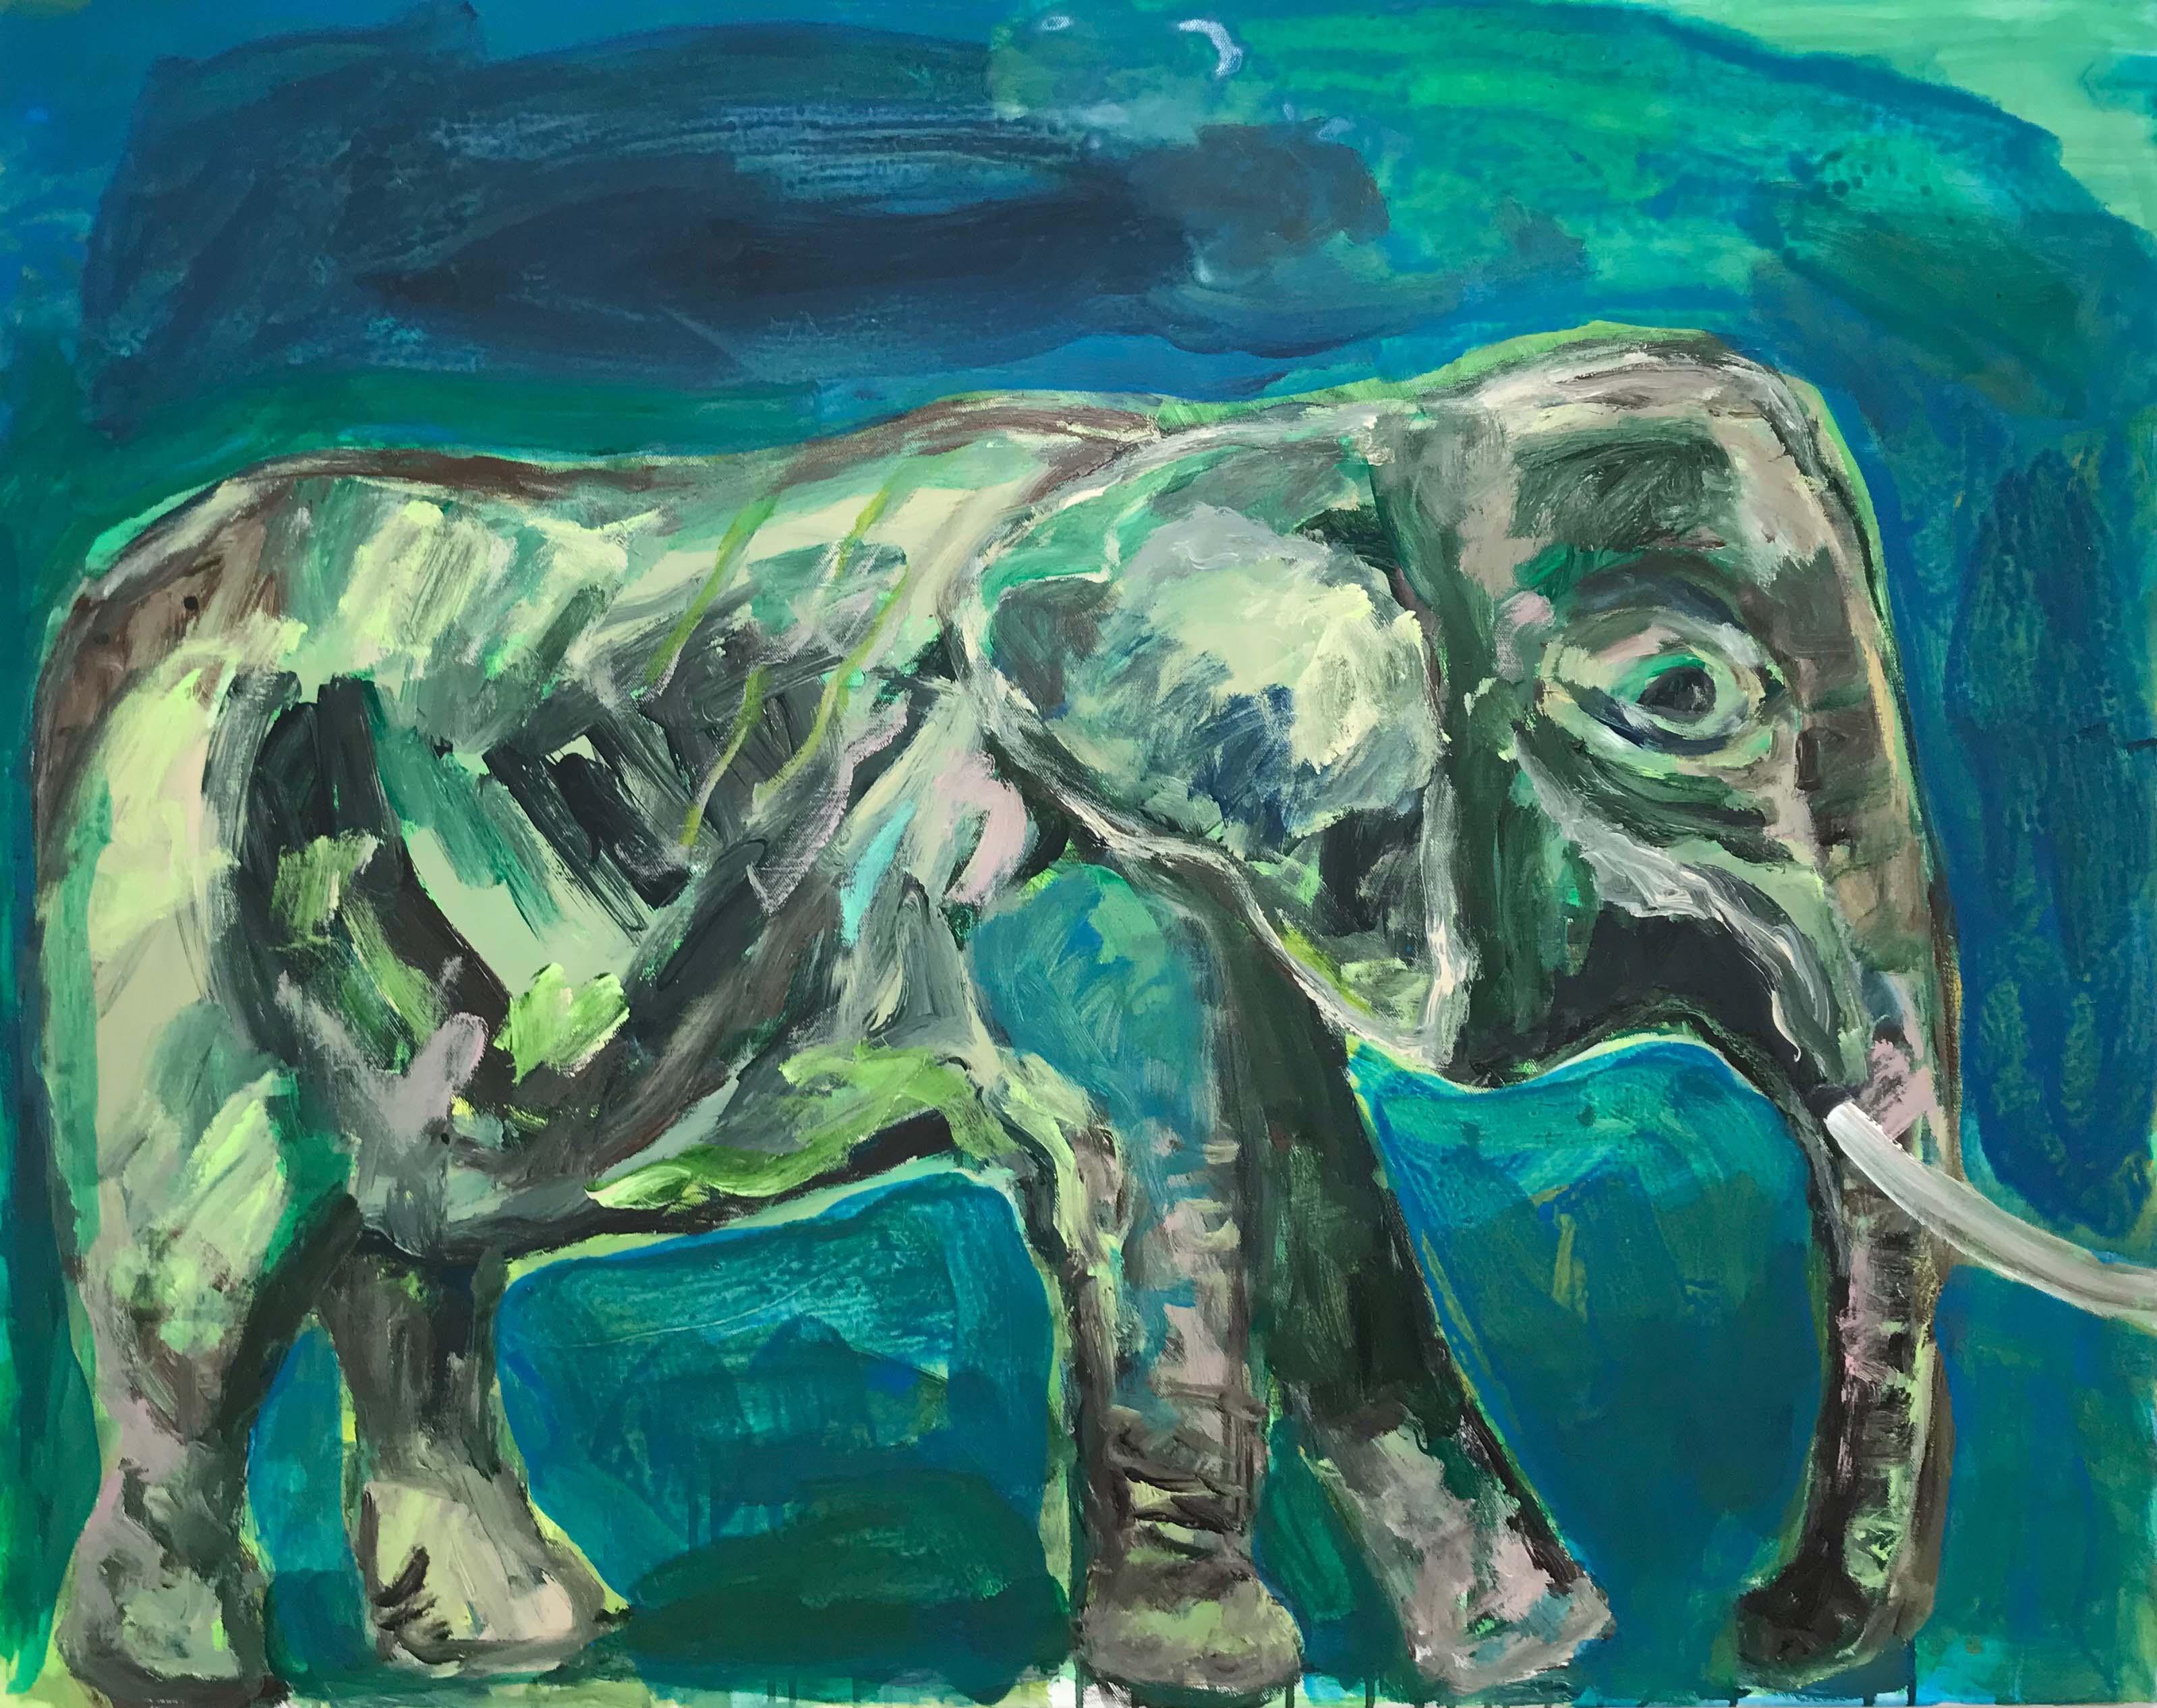 éléphant_vert,_116x89cm,_acrylique_sur_toile,_2018_sm